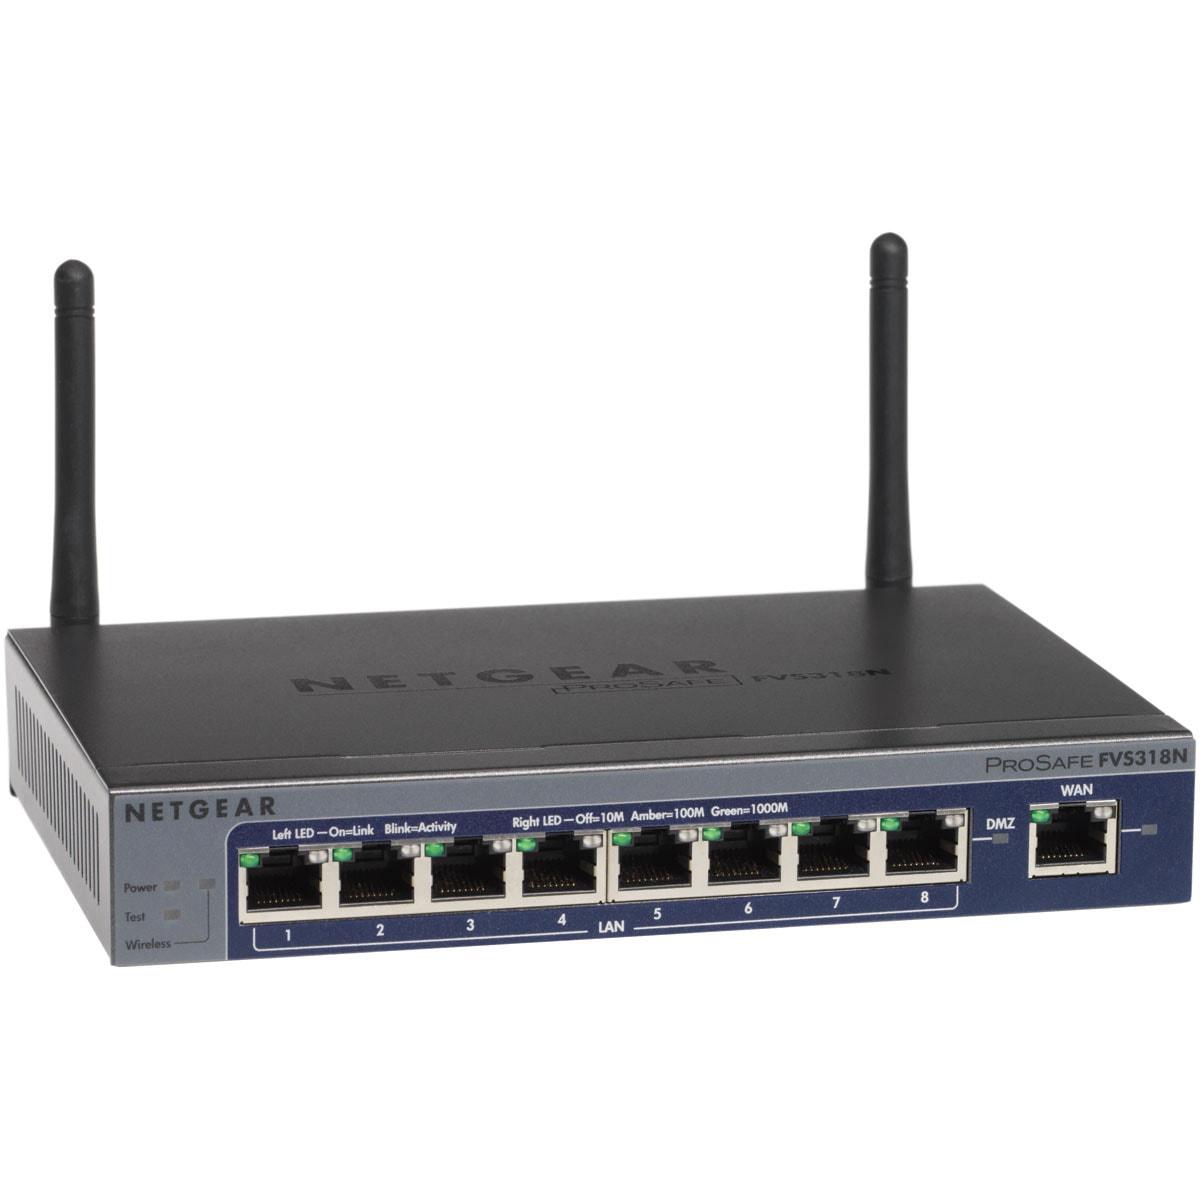 Netgear ProSafe FVS318N - WiFi/Gigabit/8 ports - Routeur Netgear - 0